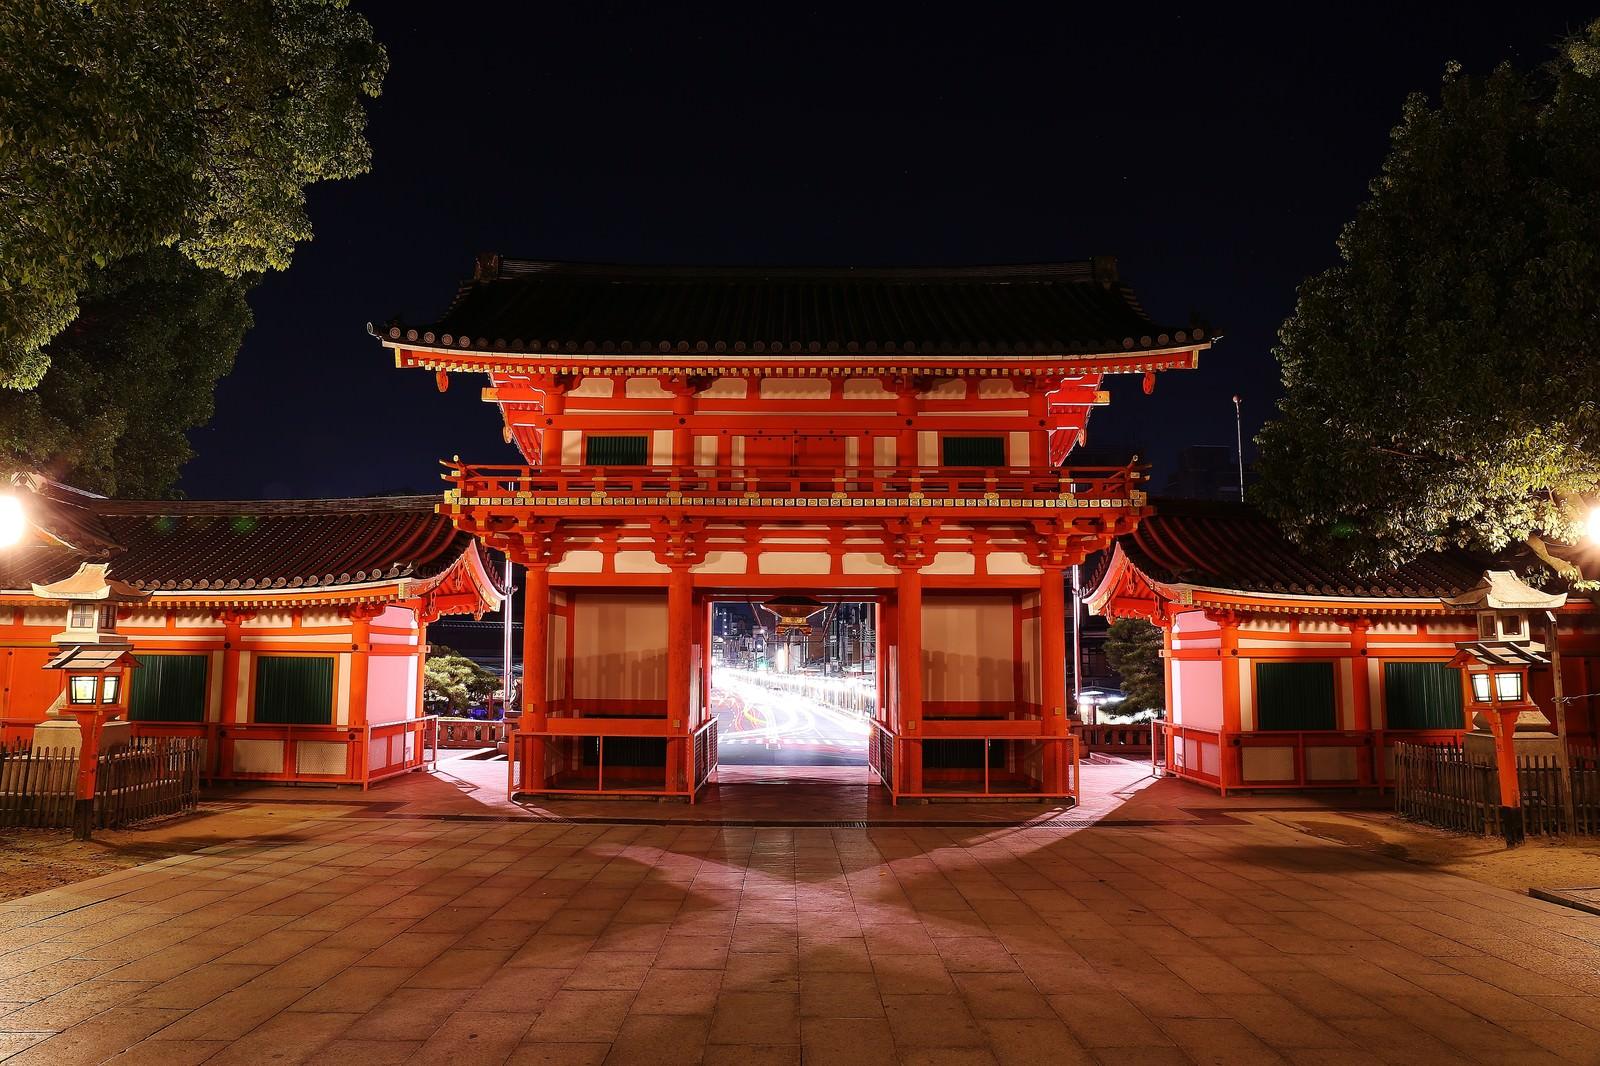 「門から見えるヘッドライトの光跡」の写真